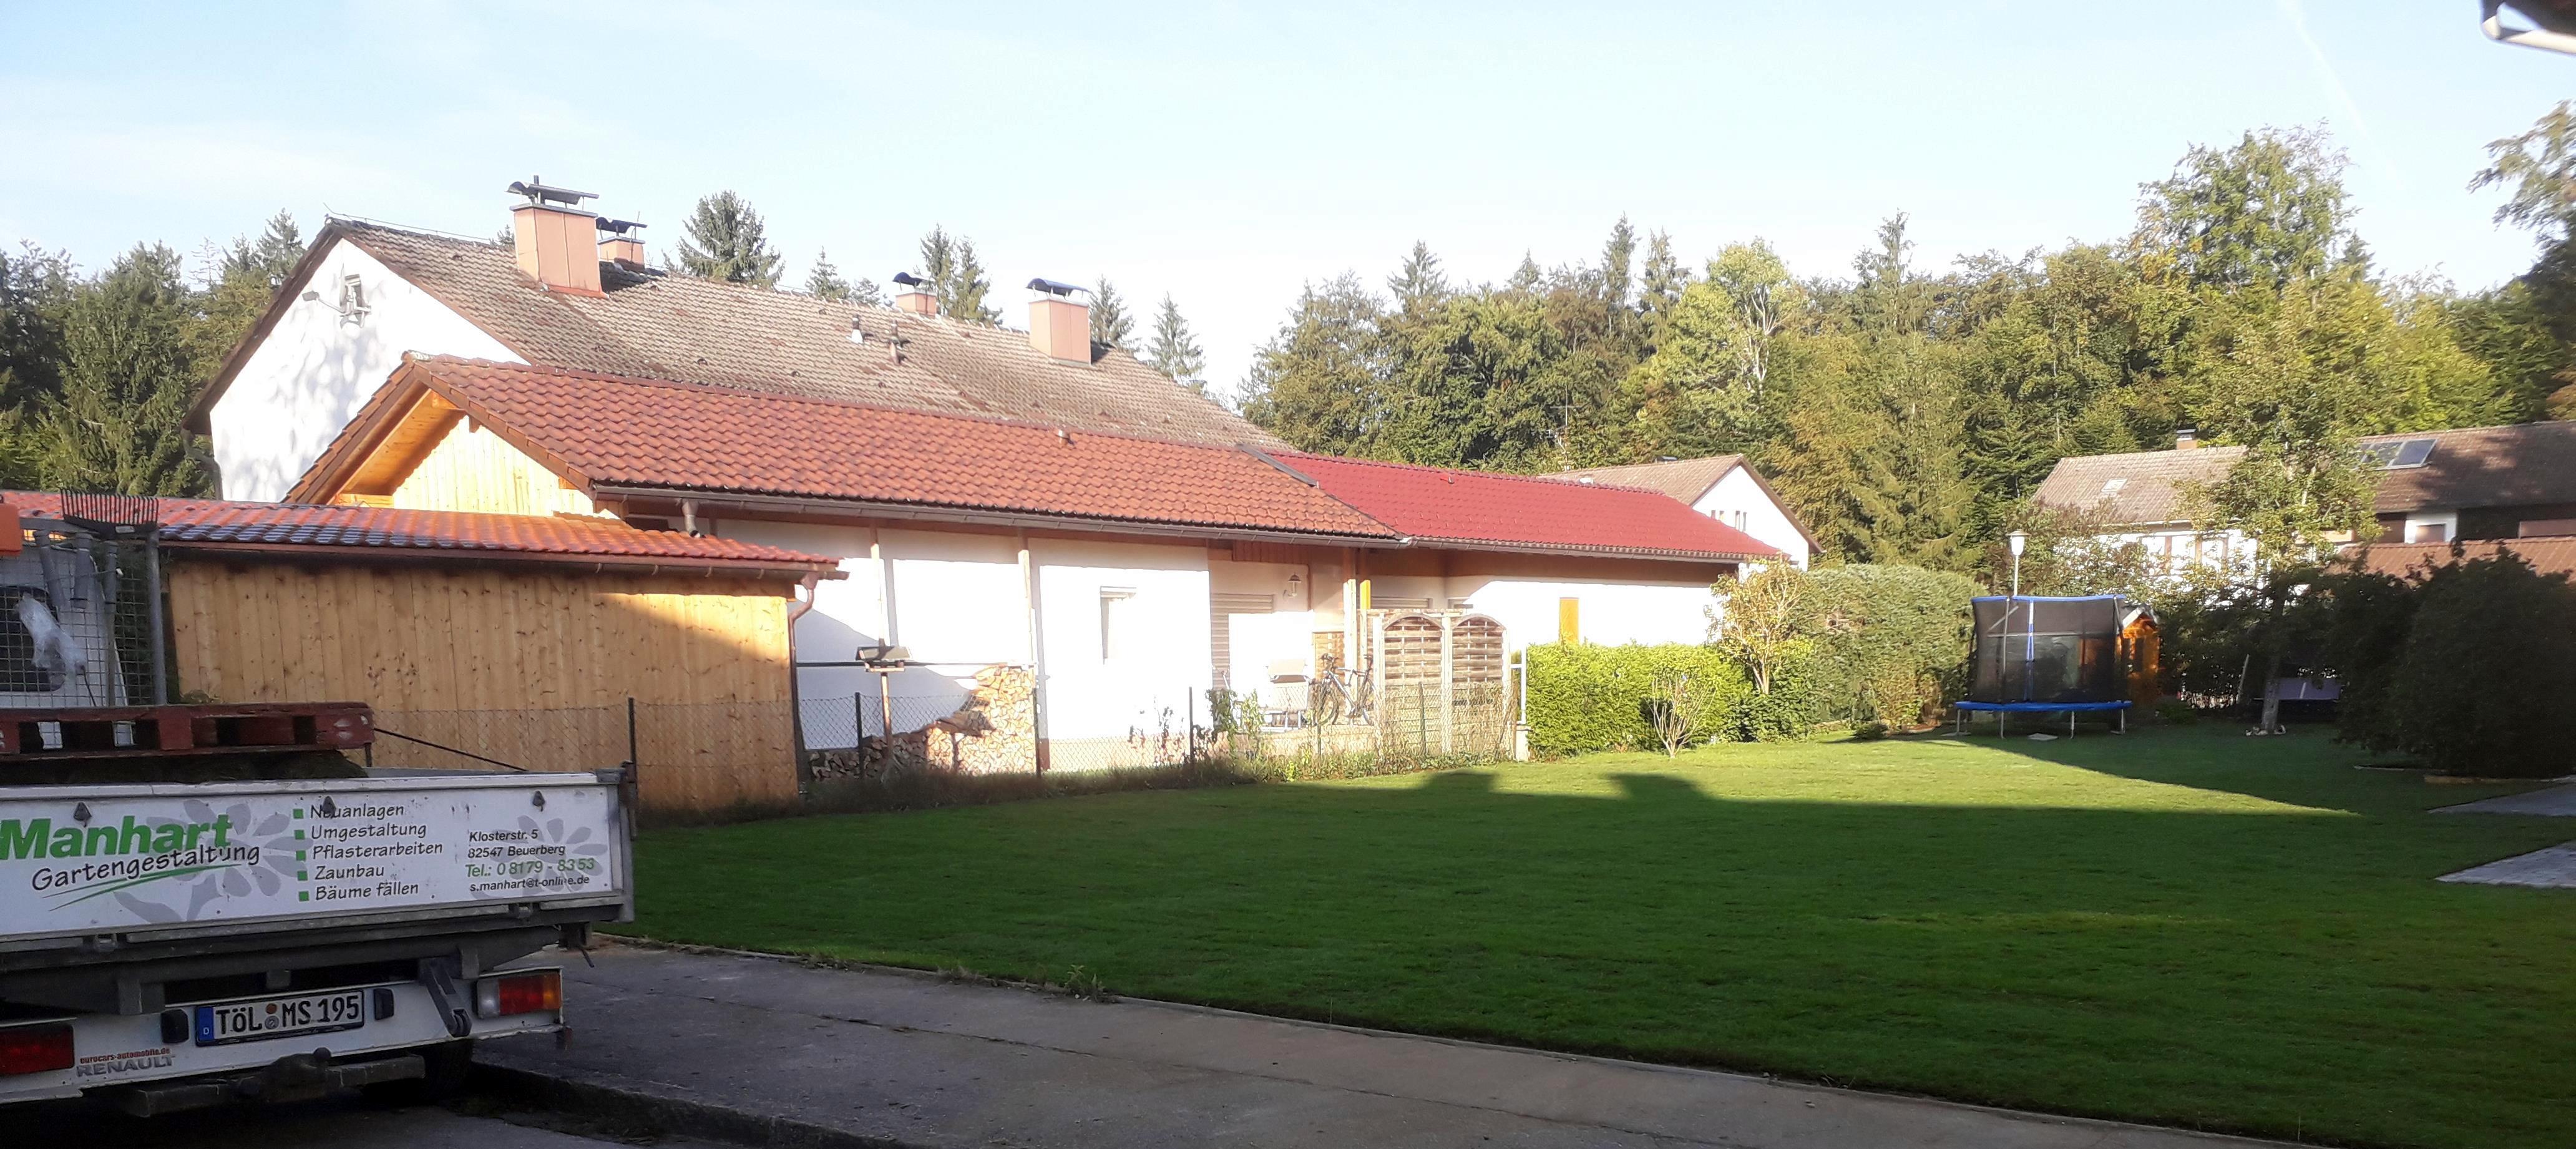 Manhart Garten & Pflaster Meisterbetrieb